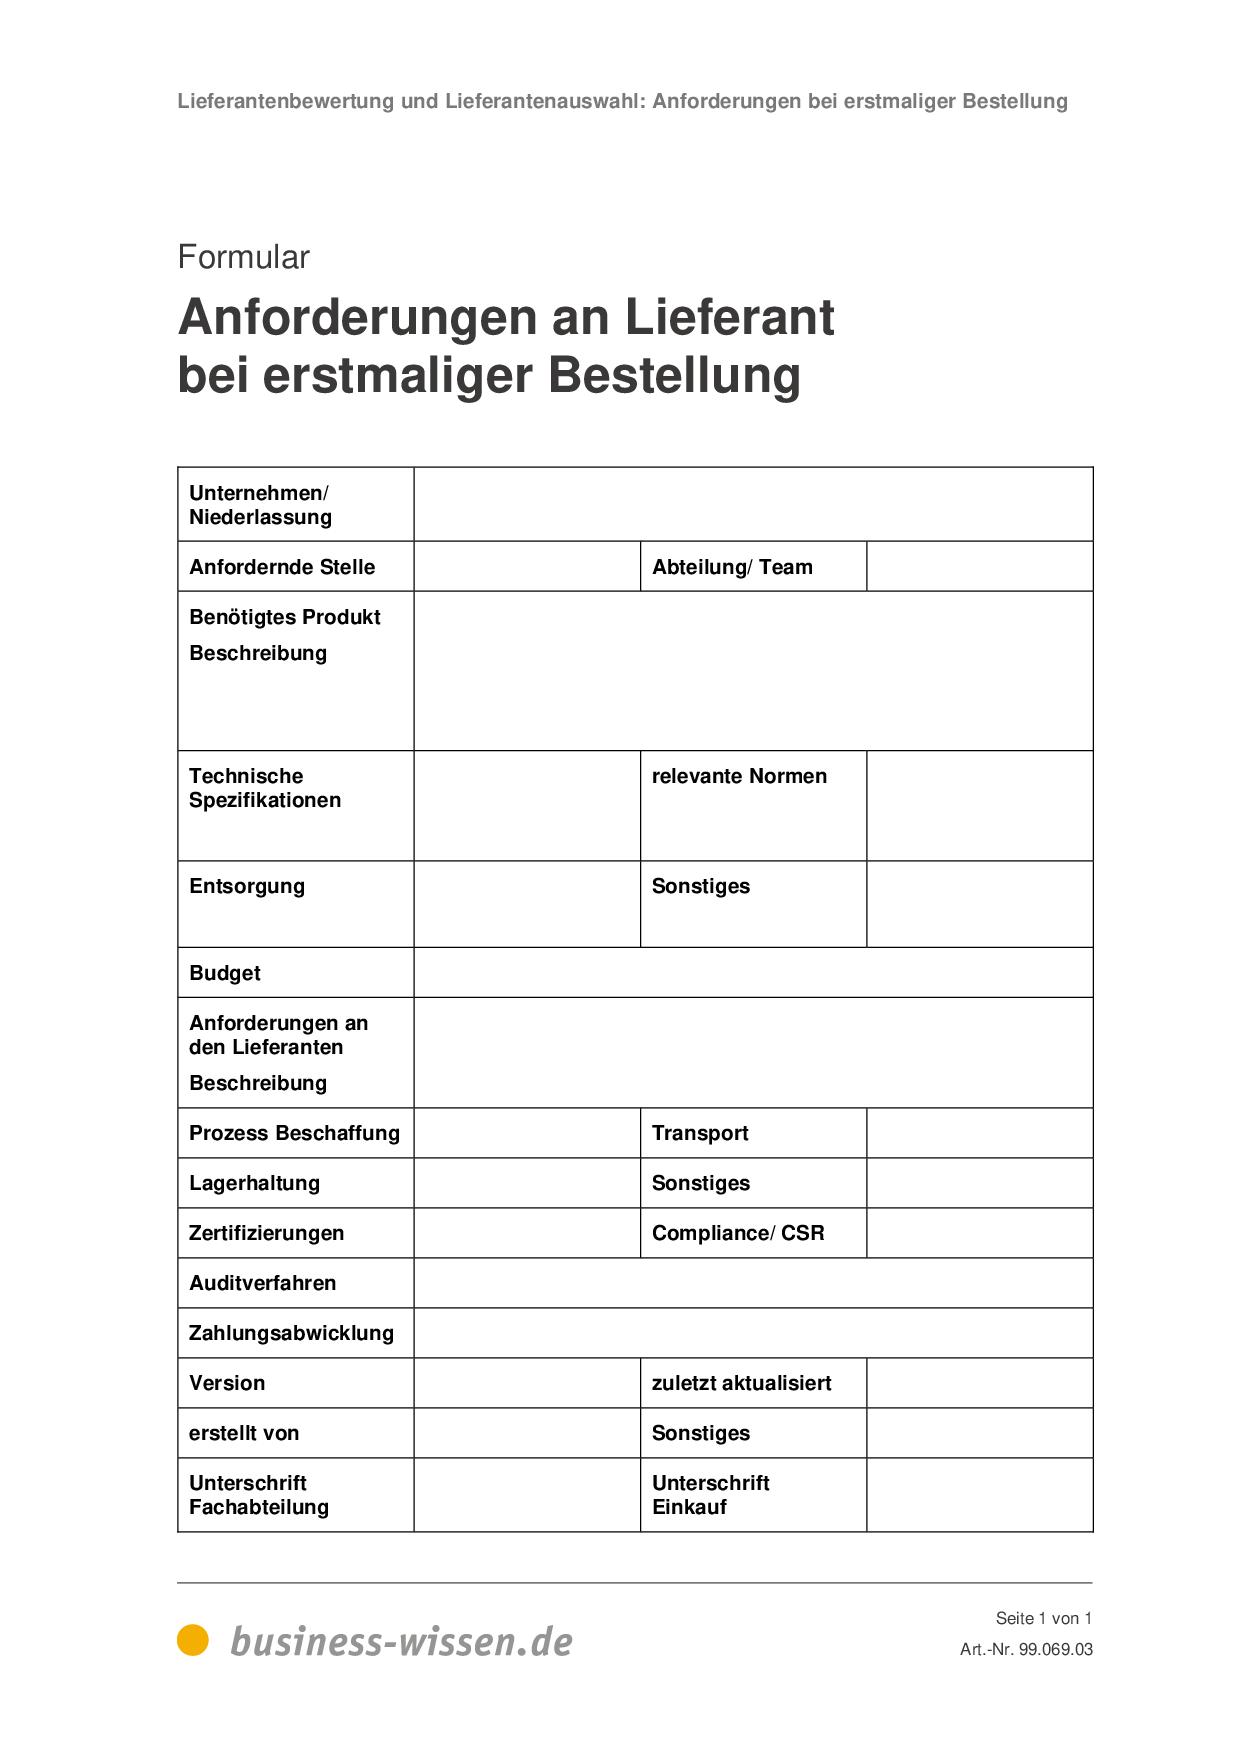 Lieferantenauswahl Kriterien Lieferantenbewertung Iso 9001 5 11